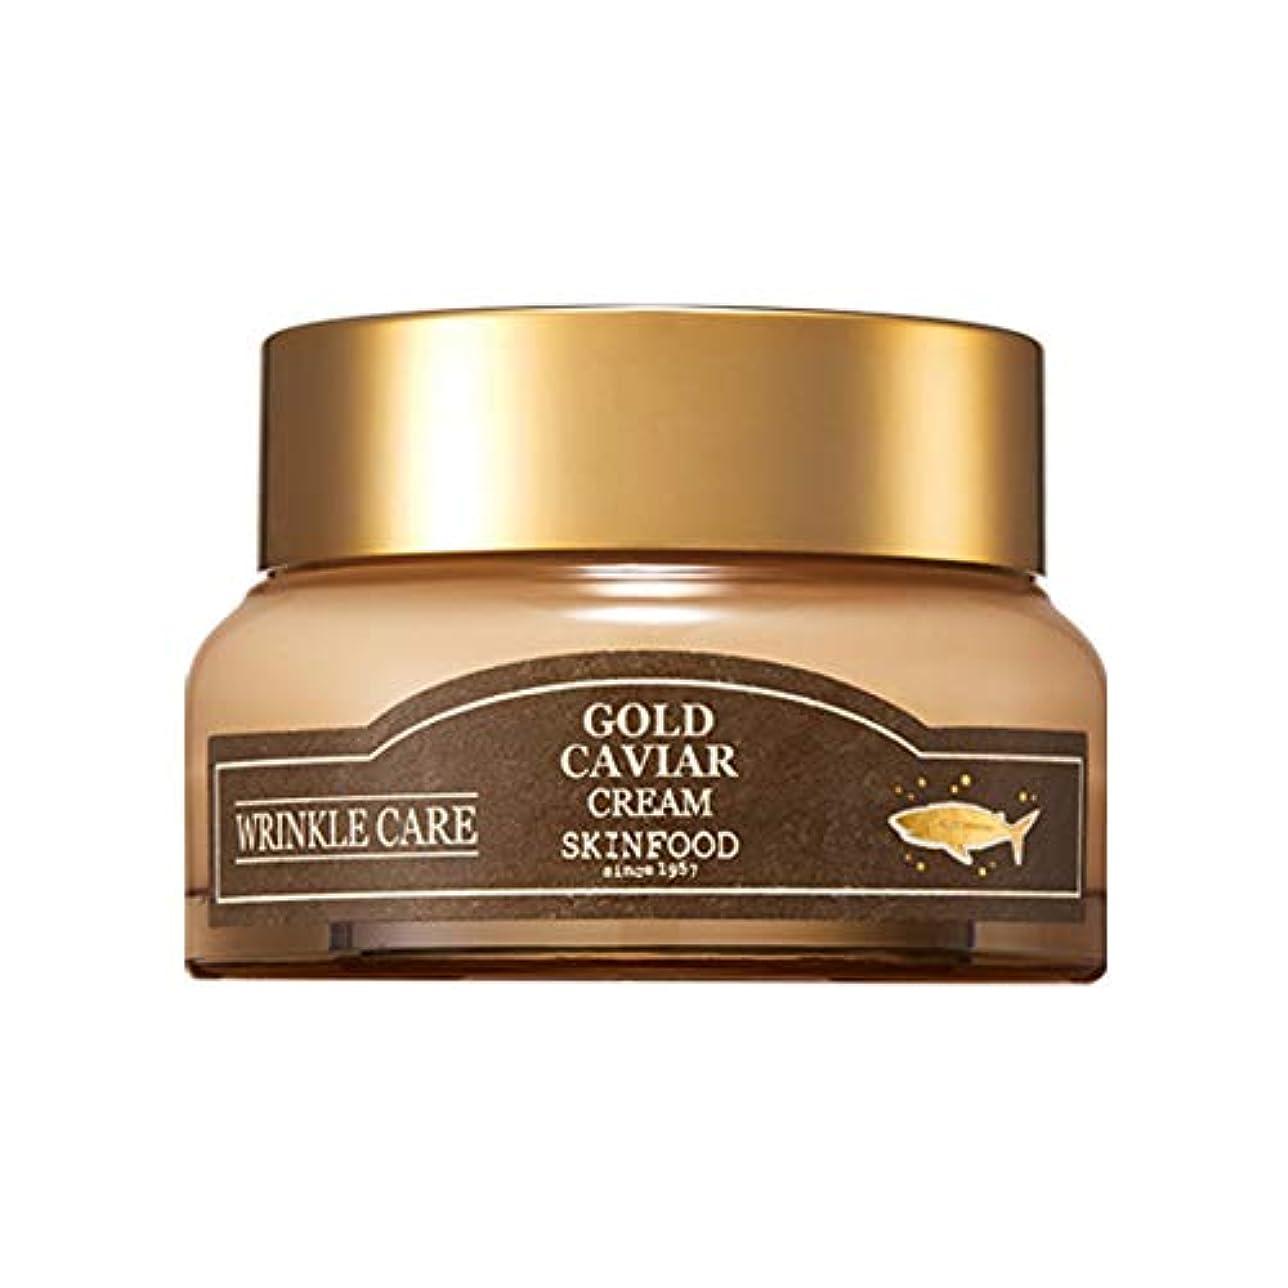 質量洞察力項目Skinfood ゴールドキャビアクリーム[しわケア用化粧品] / Gold Caviar Cream [Cosmeceutical for wrinkle care] 54ml [並行輸入品]